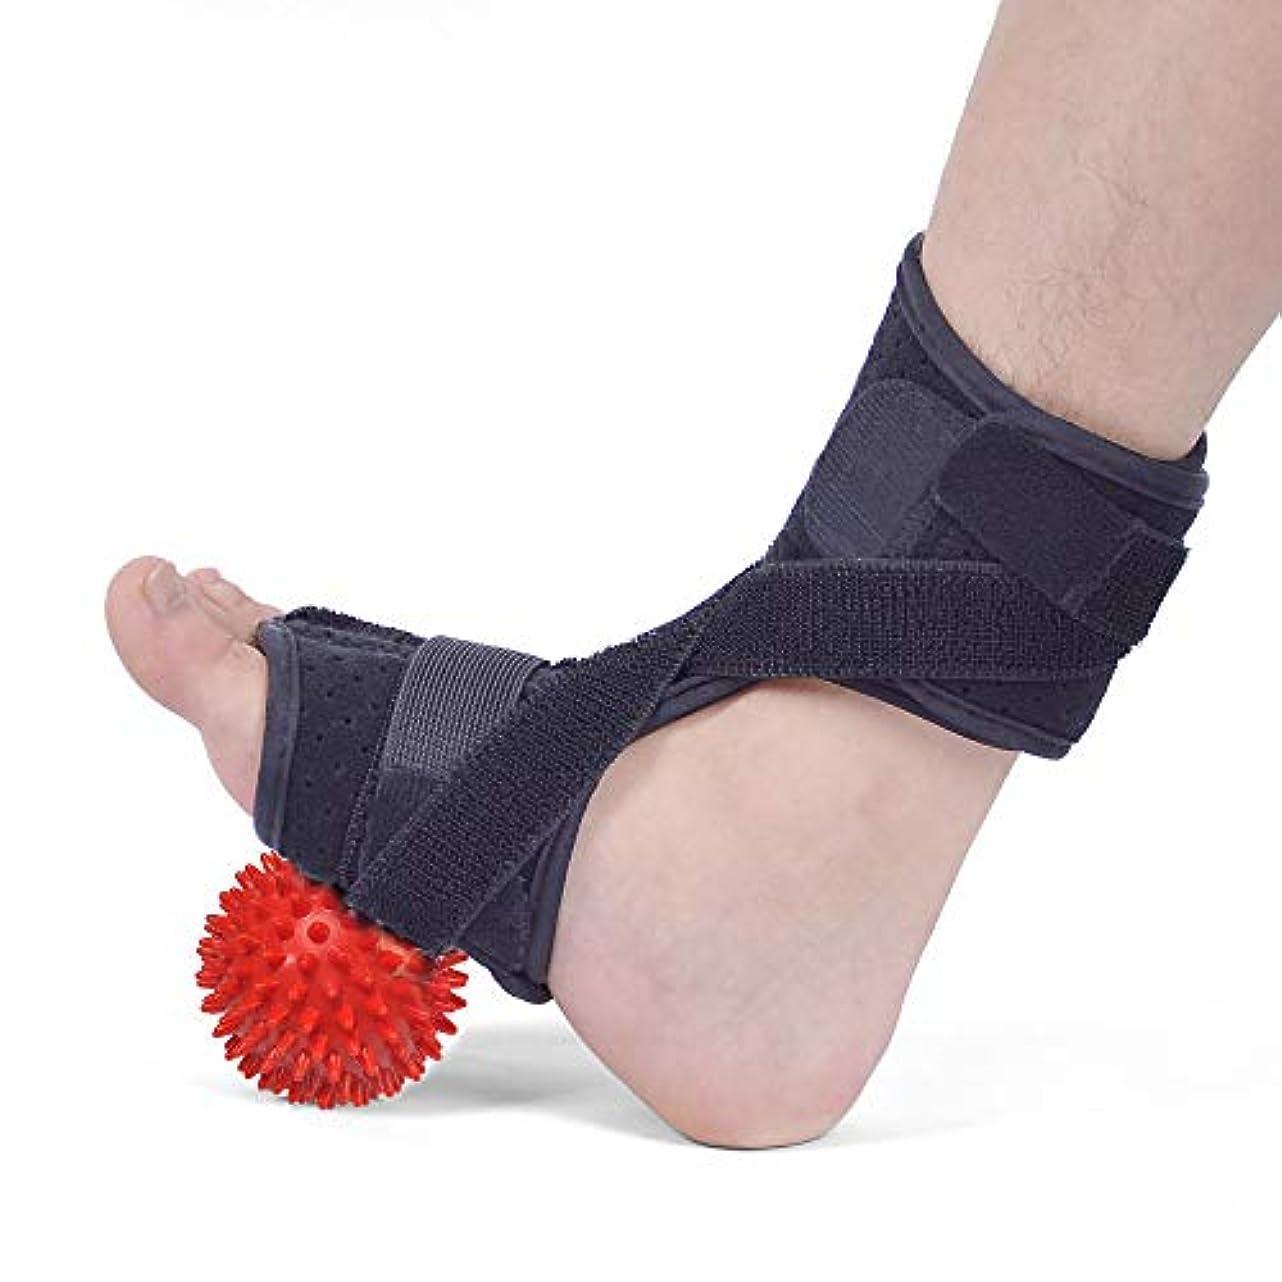 剛性知人料理足の筋膜炎の夜間副木、足垂れ整形外科の手入れ、左右の足に適している、PVC製ボールを使った夜間足の補助、すべてのコード、腱炎、関節炎